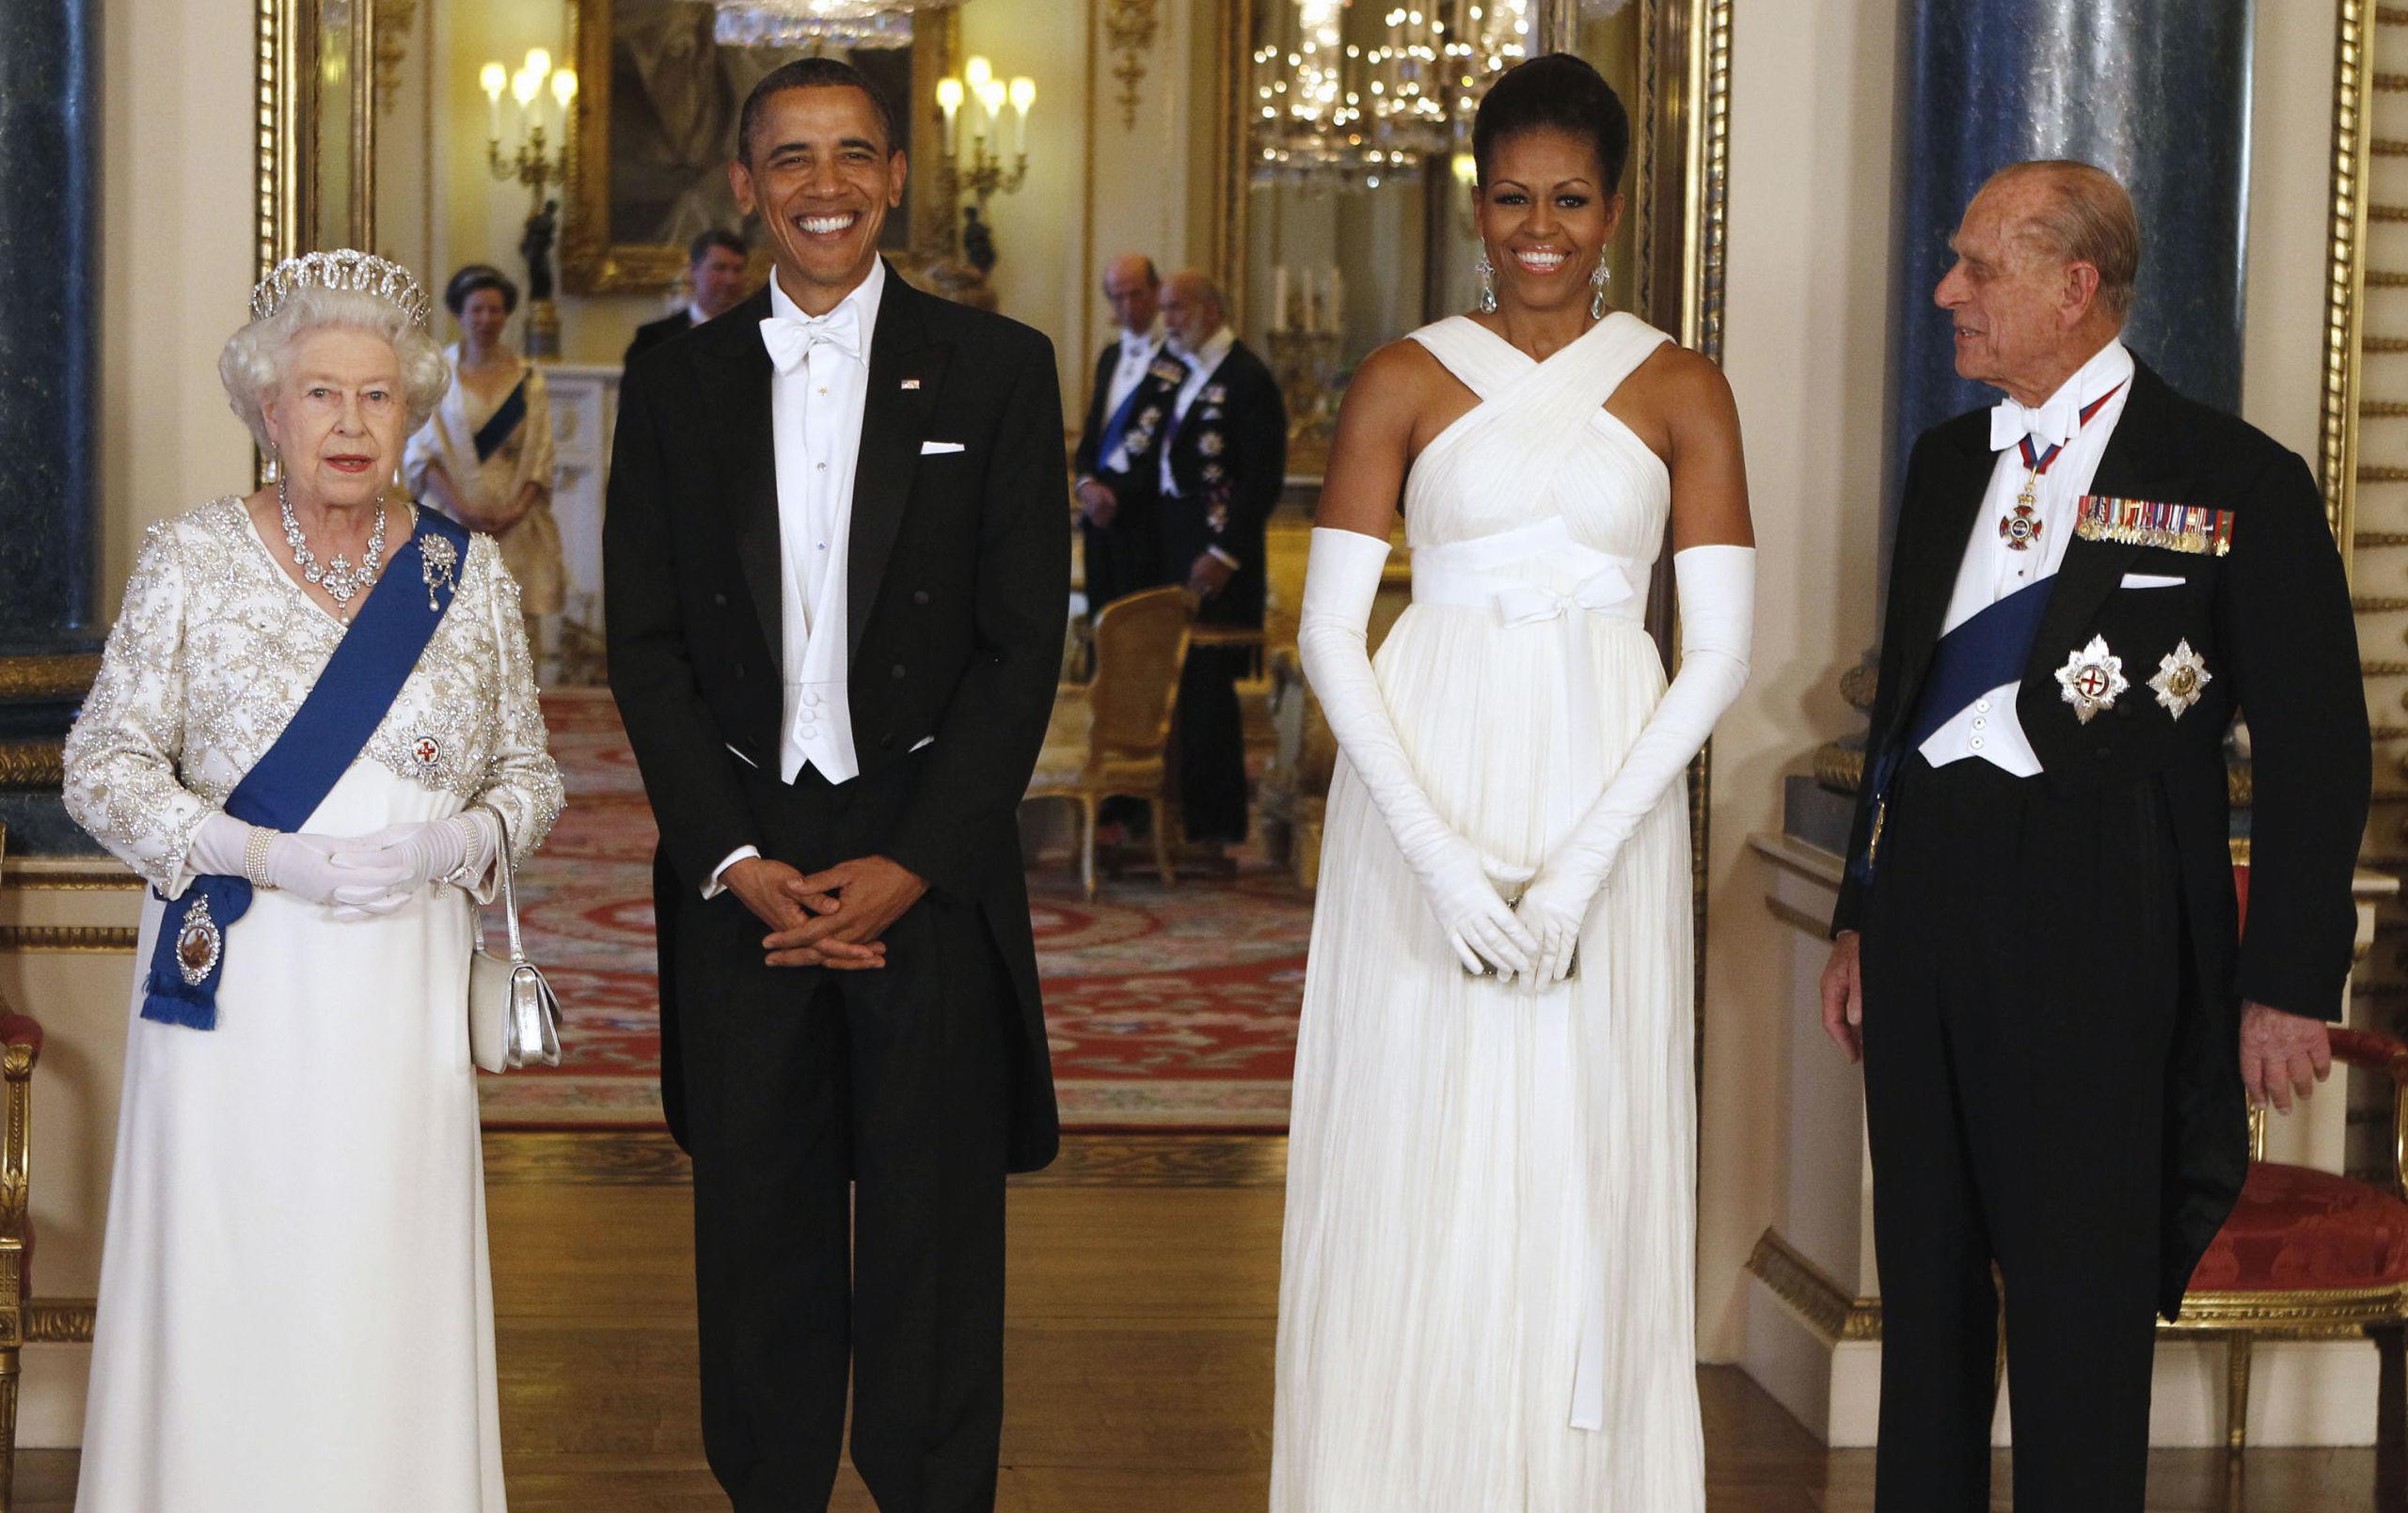 La reina Isabel II, el príncipe Felipe, el presidente Barack Obama y la primera dama, Michelle Obama, en 2016